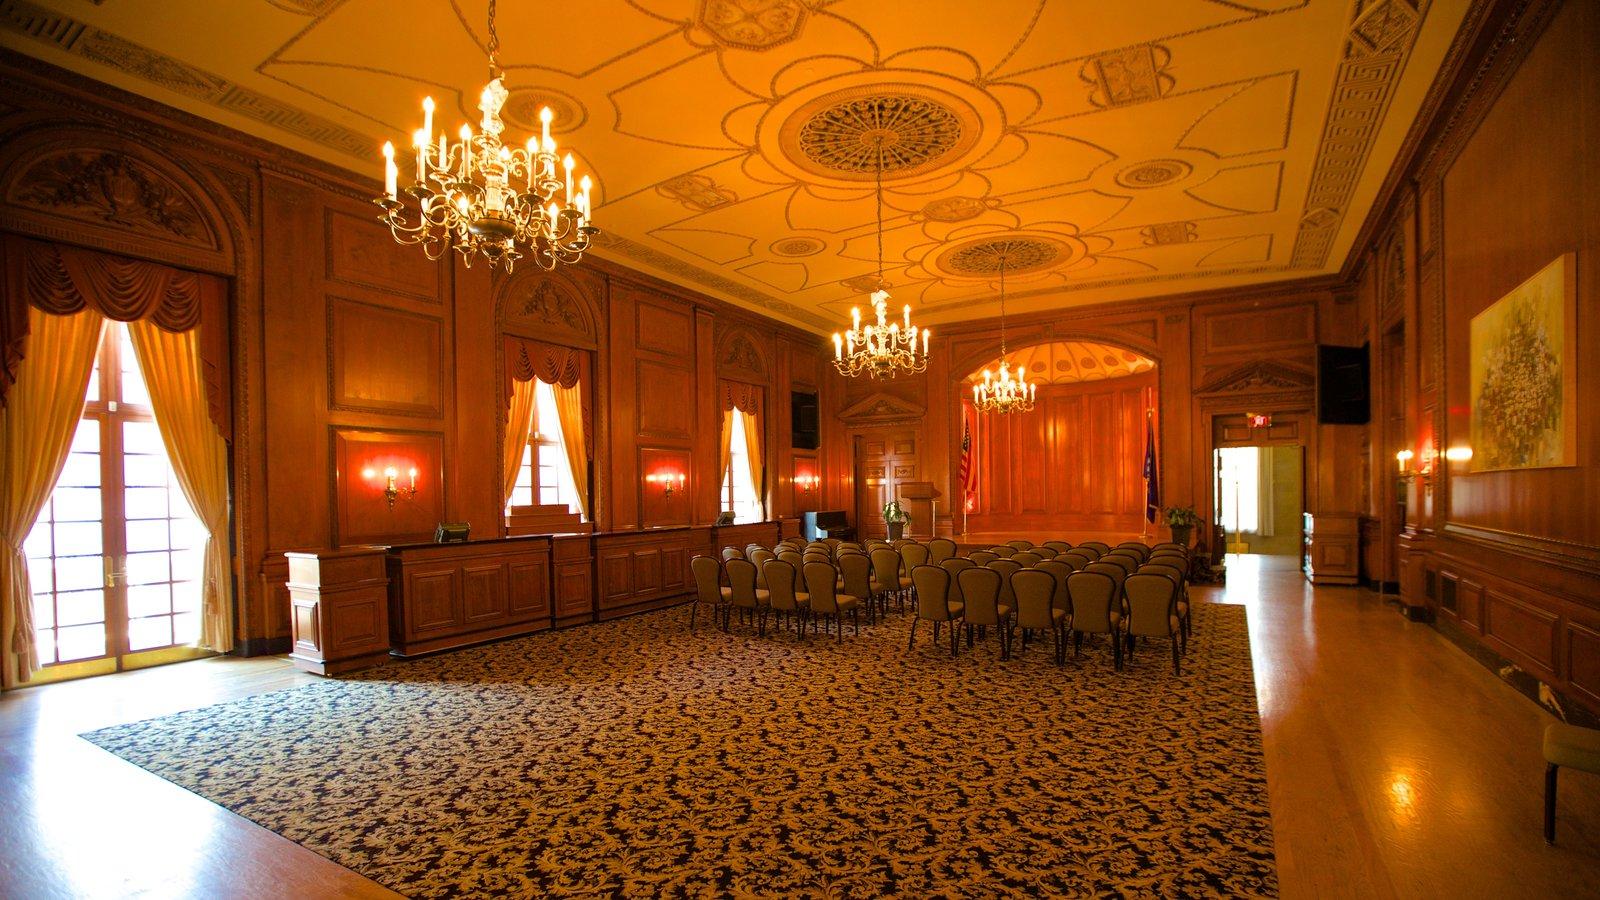 Bushnell Center for the Performing Arts ofreciendo patrimonio de arquitectura y vistas interiores